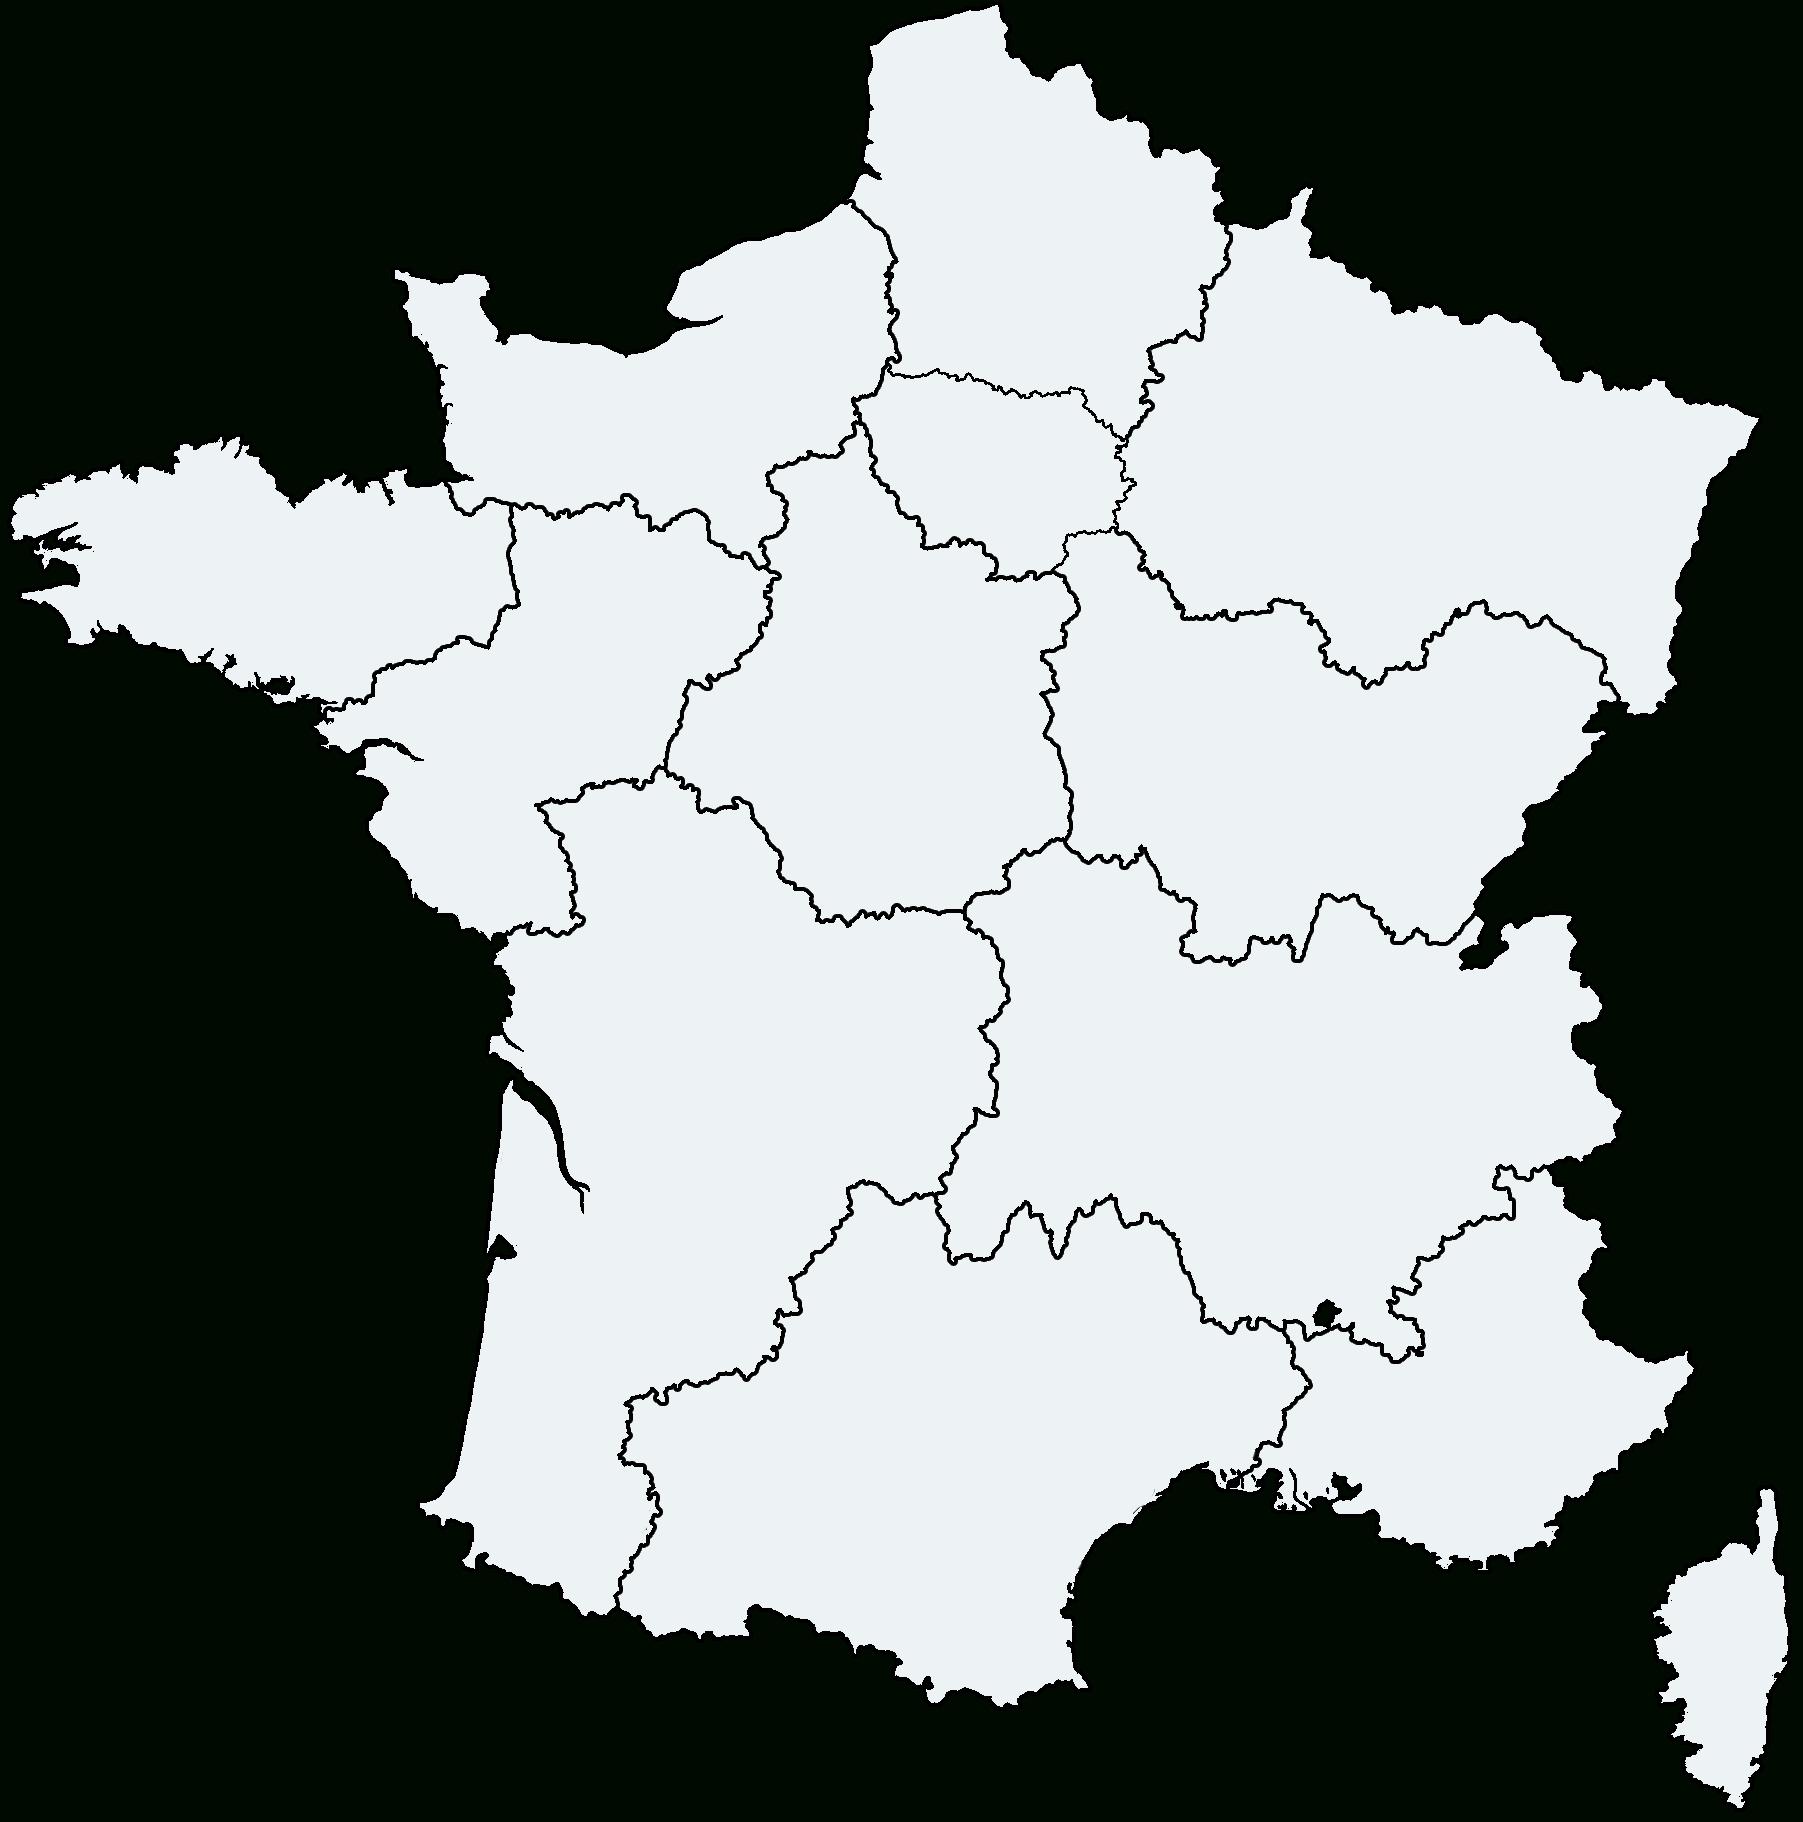 Placer Les Régions Sur La Carte Flashcards - Study With avec Carte De France Nouvelle Region